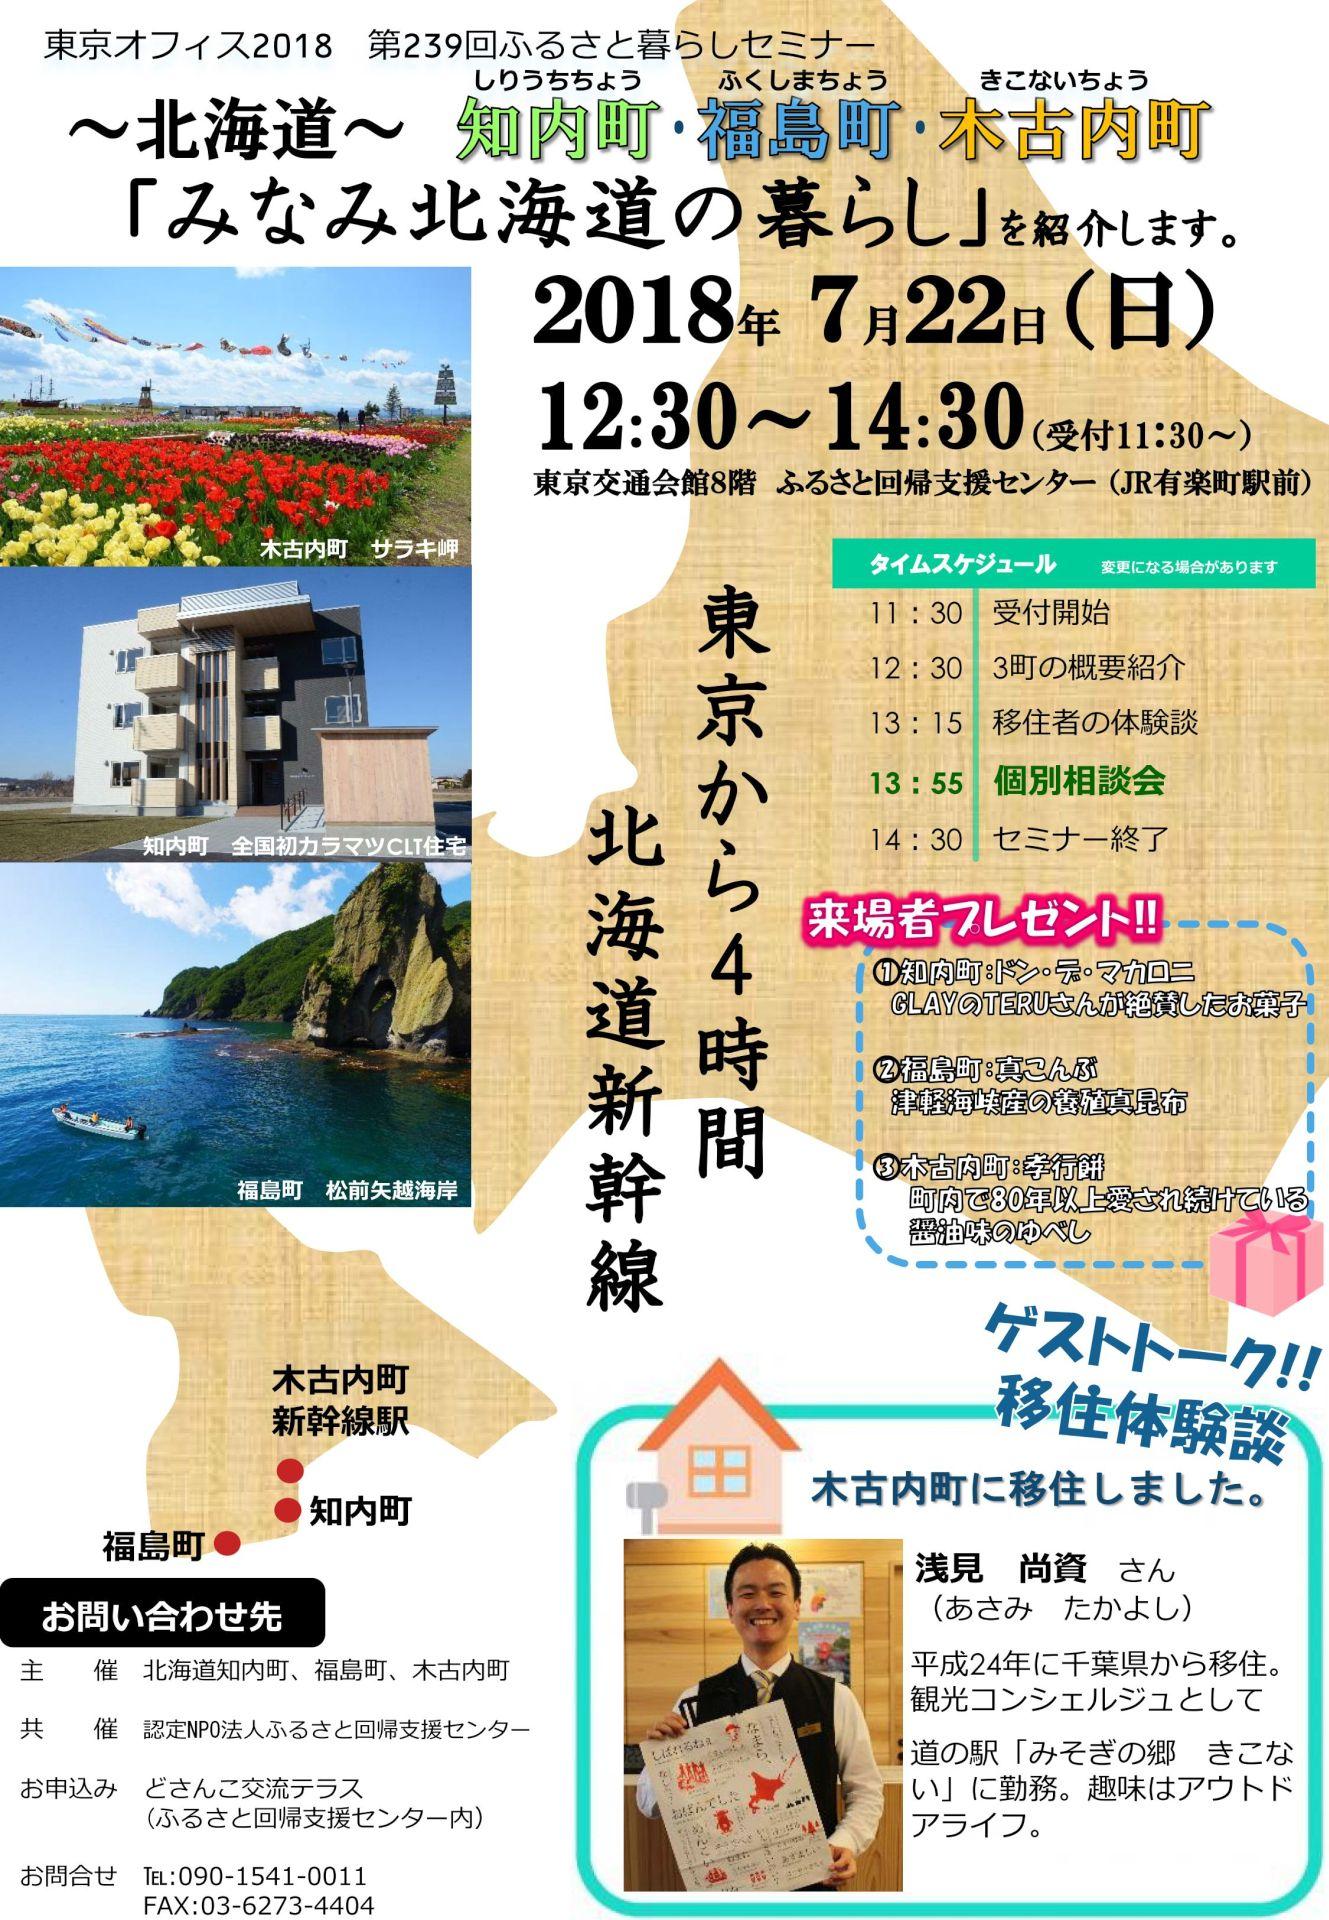 【観光コンシェルジュ】再び有楽町に出没! 北海道移住のススメを講演